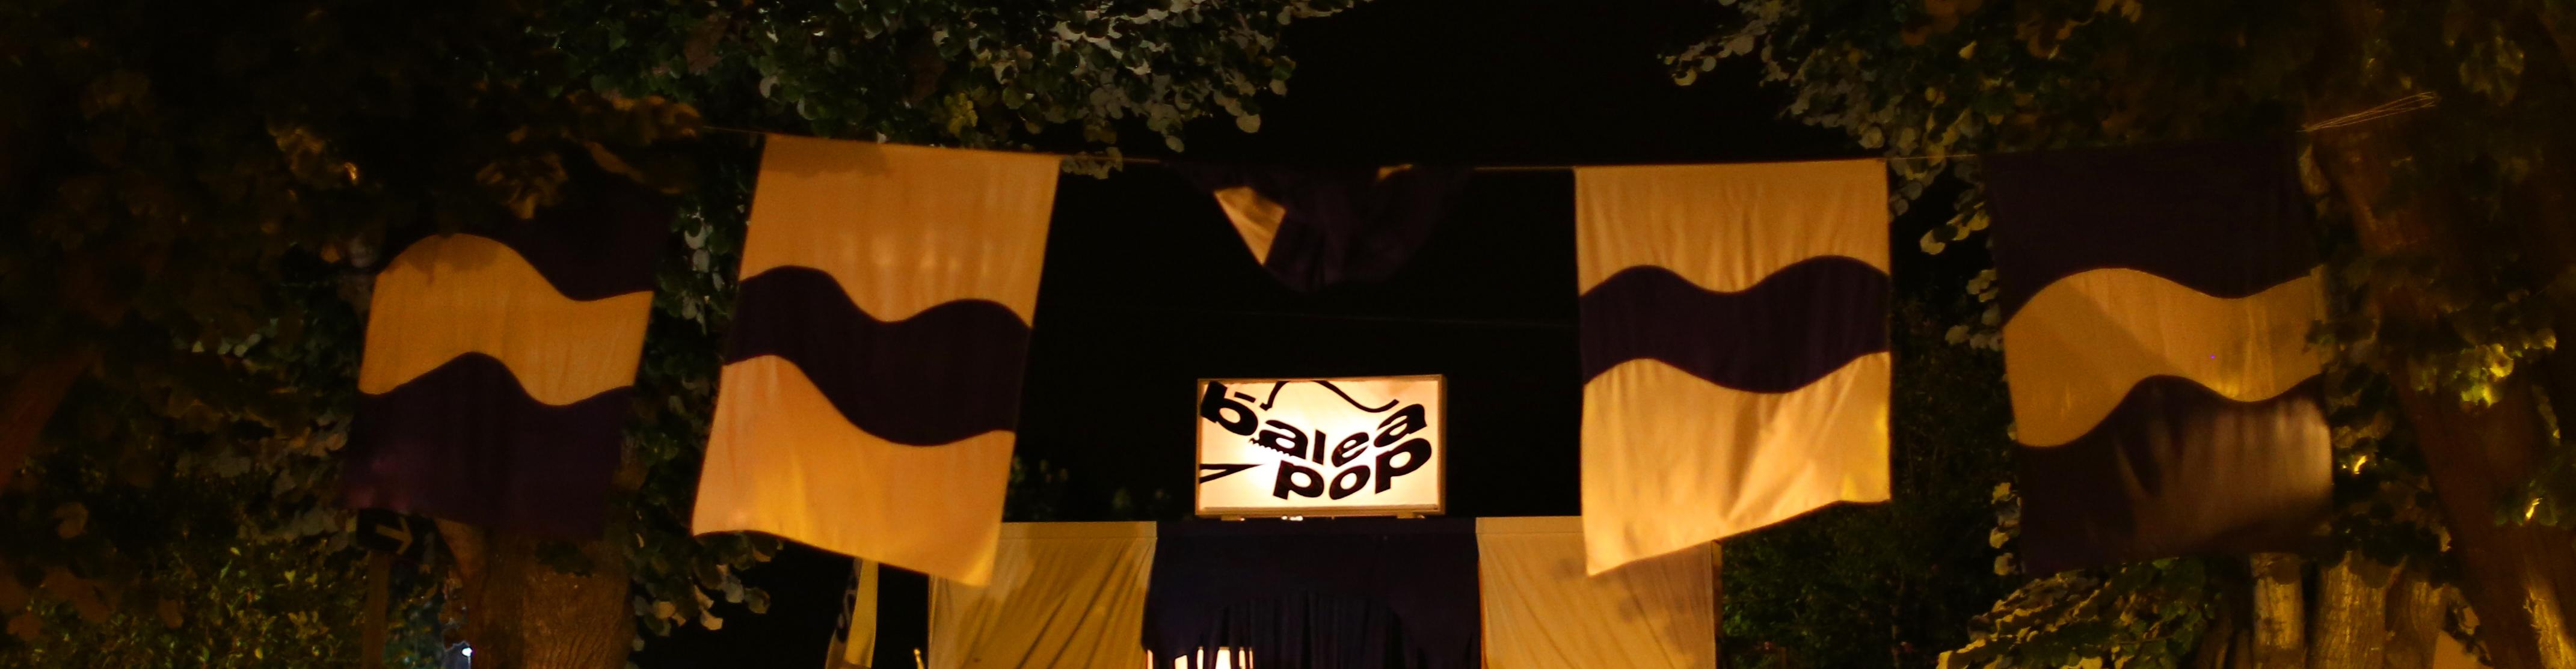 baleapop